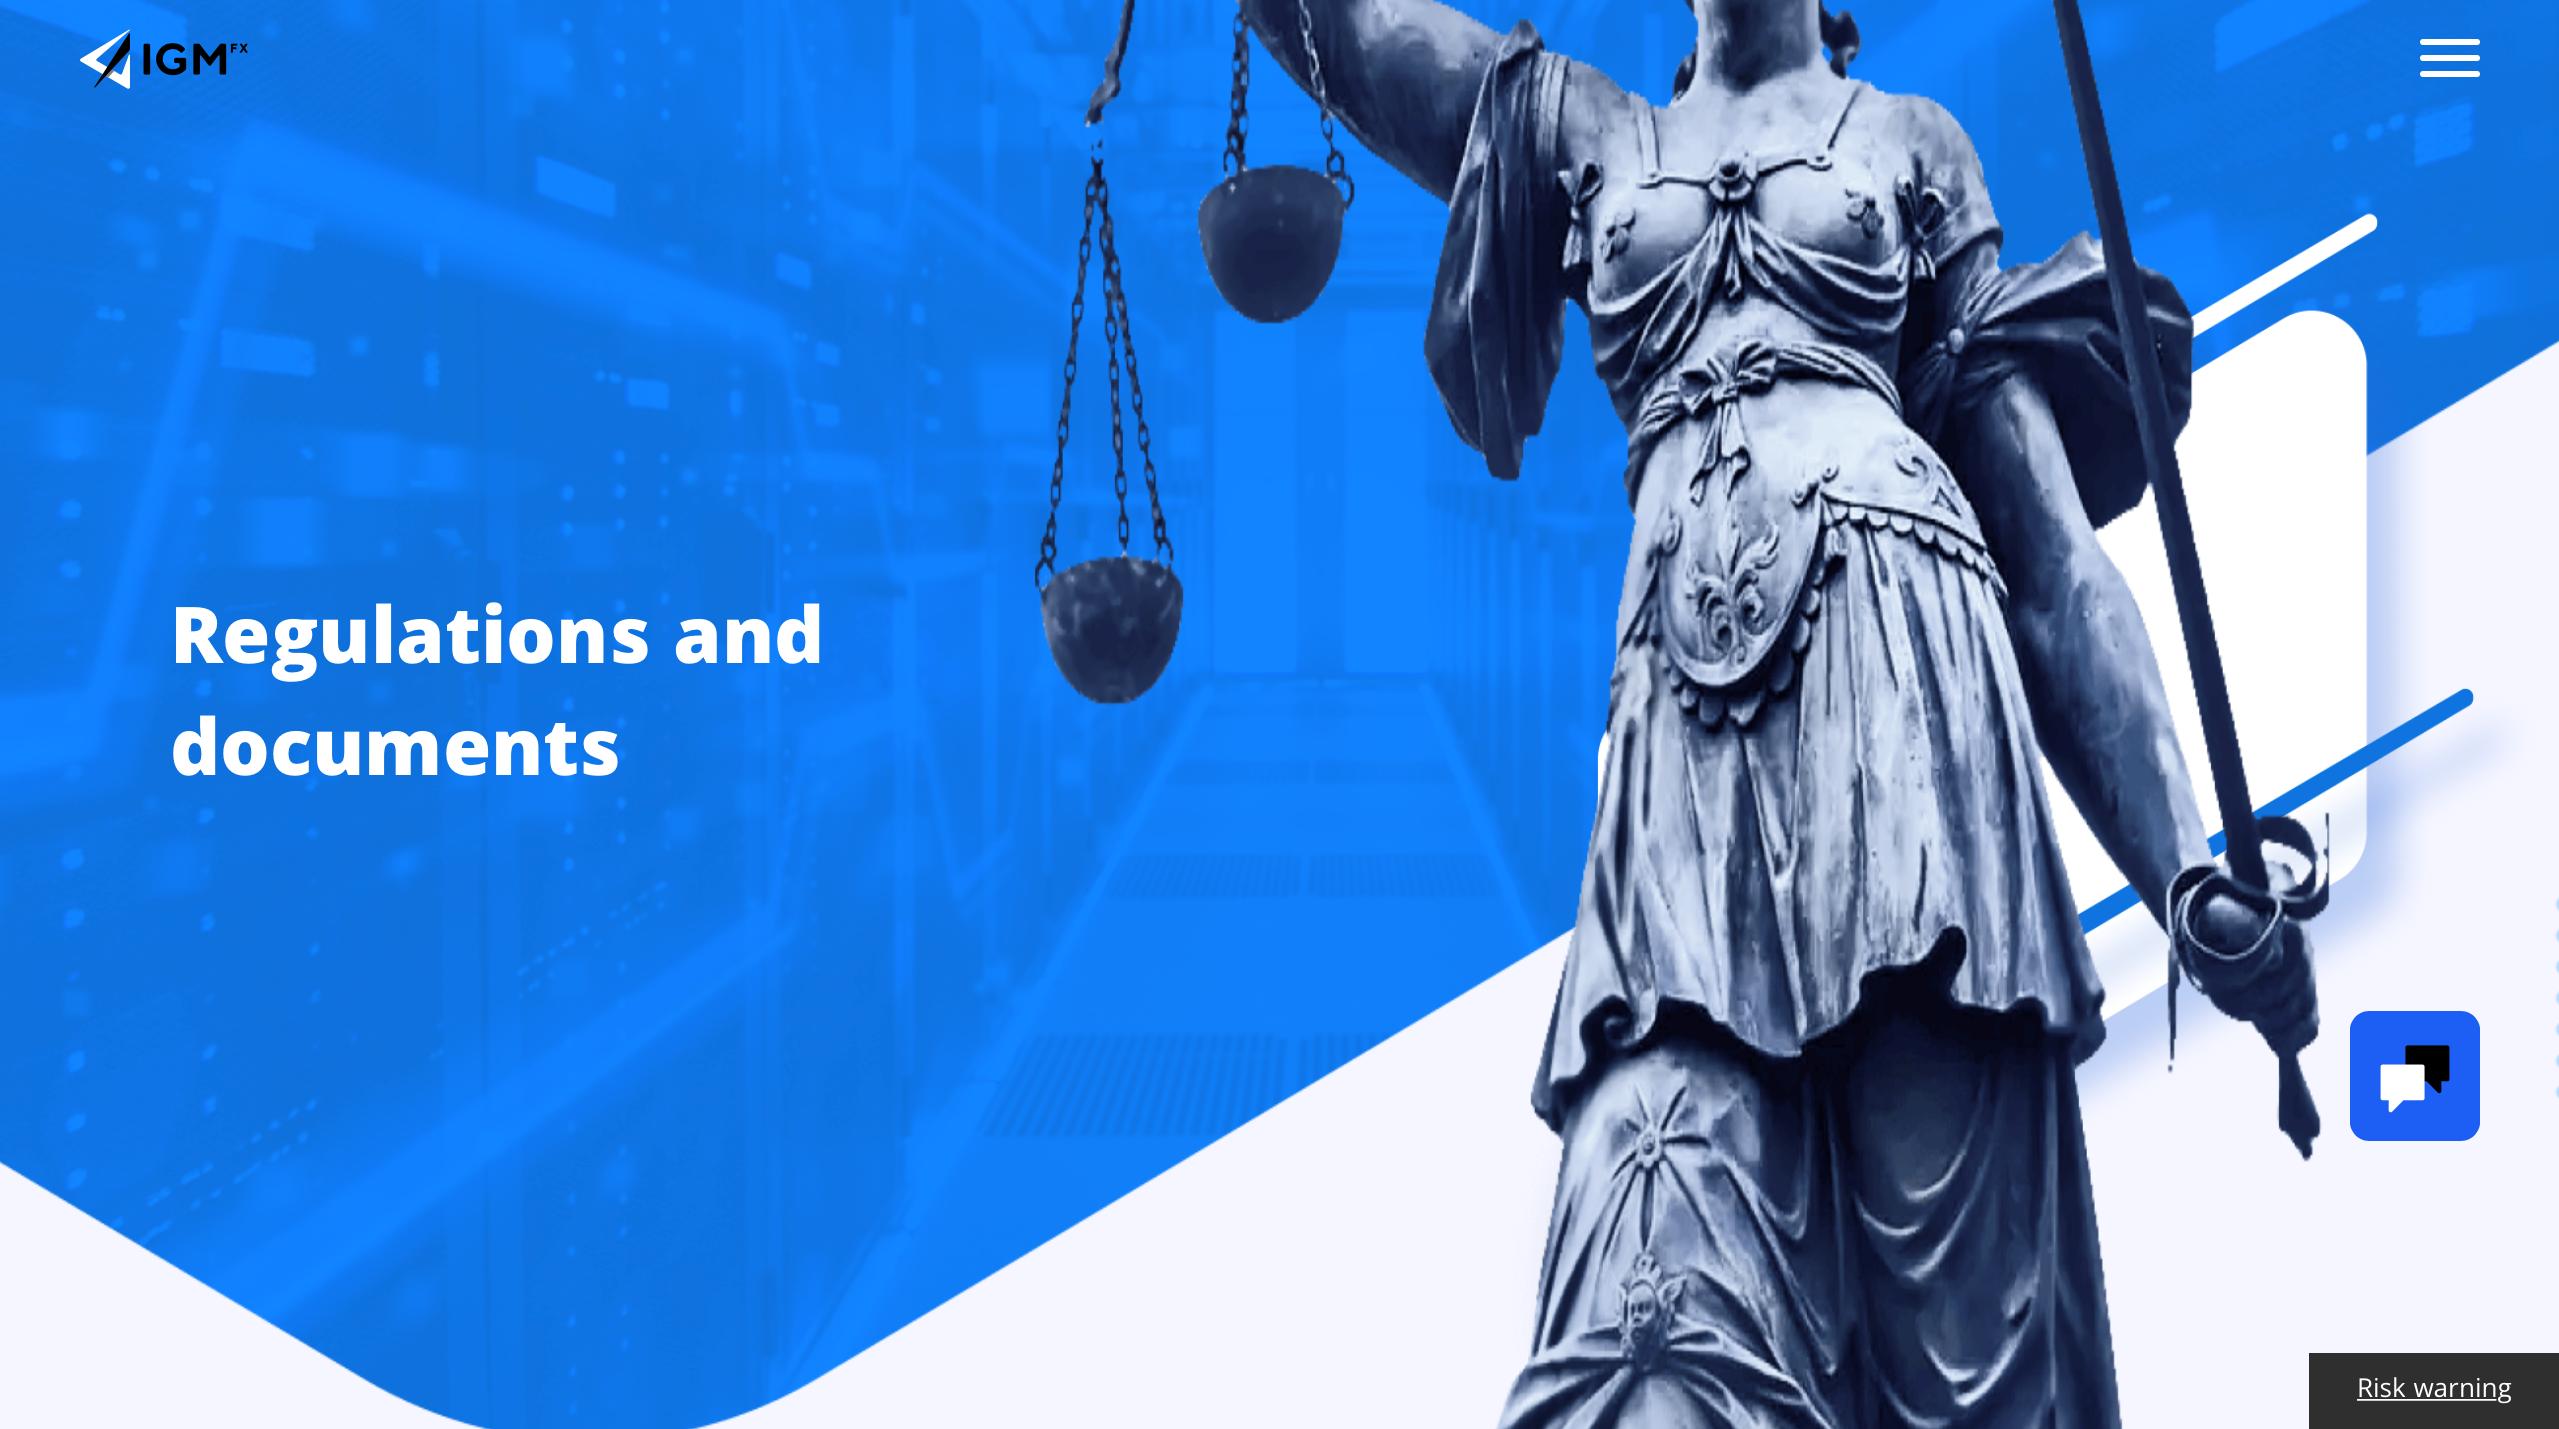 Regulierung und Dokumente auf der offiziellen Webseite von IGM FX